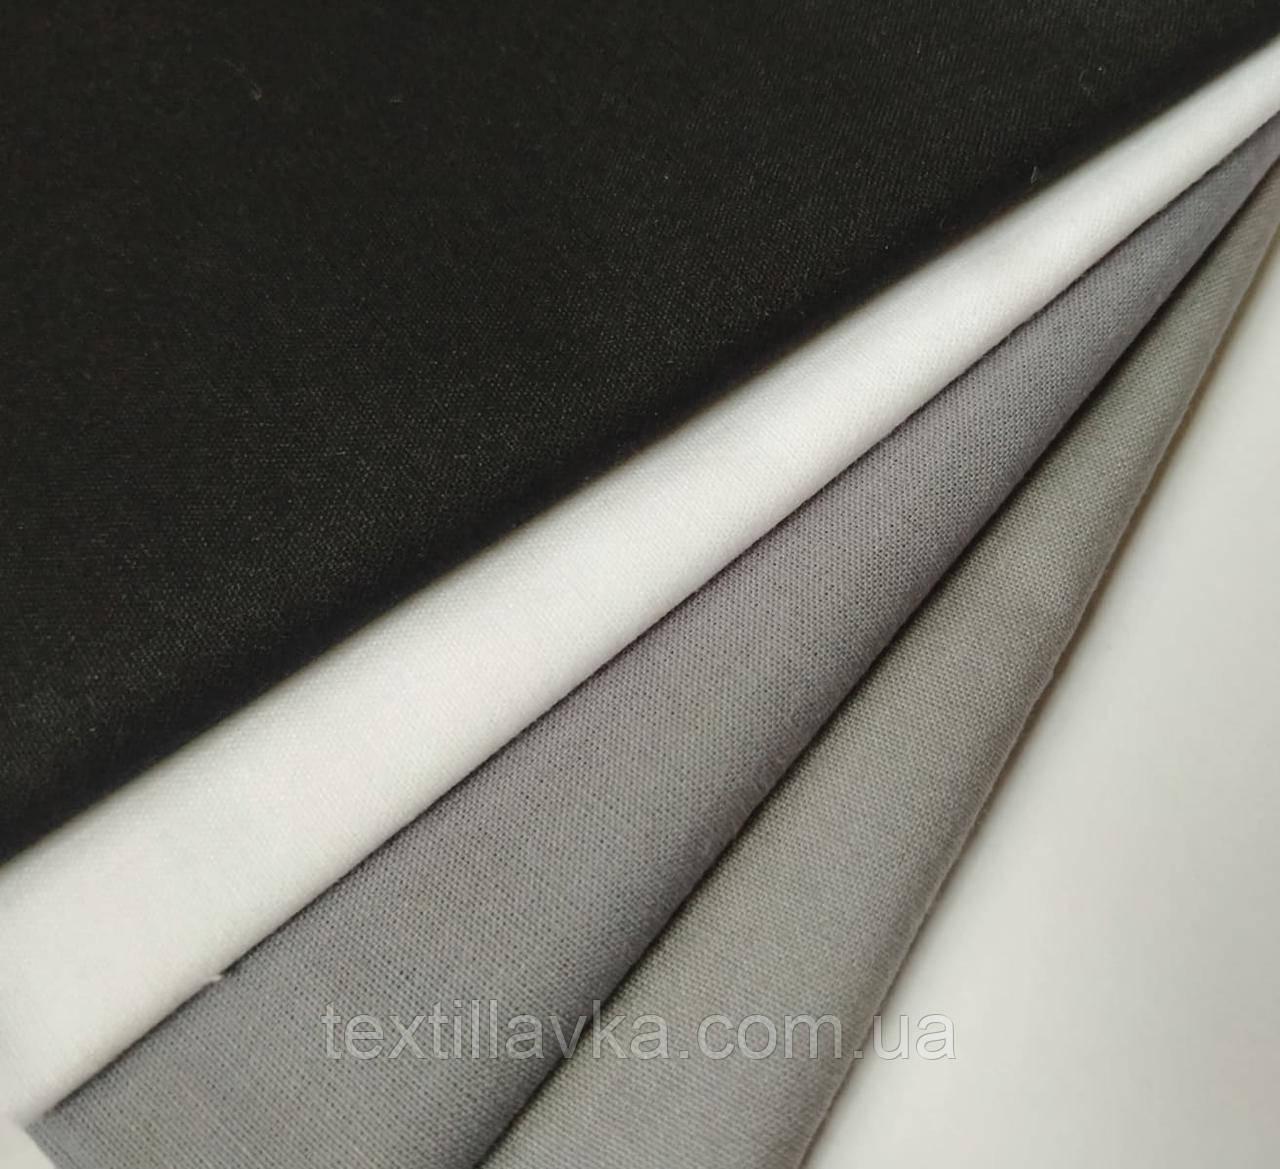 Набор хлопковой ткани для рукоделия из 4 шт.